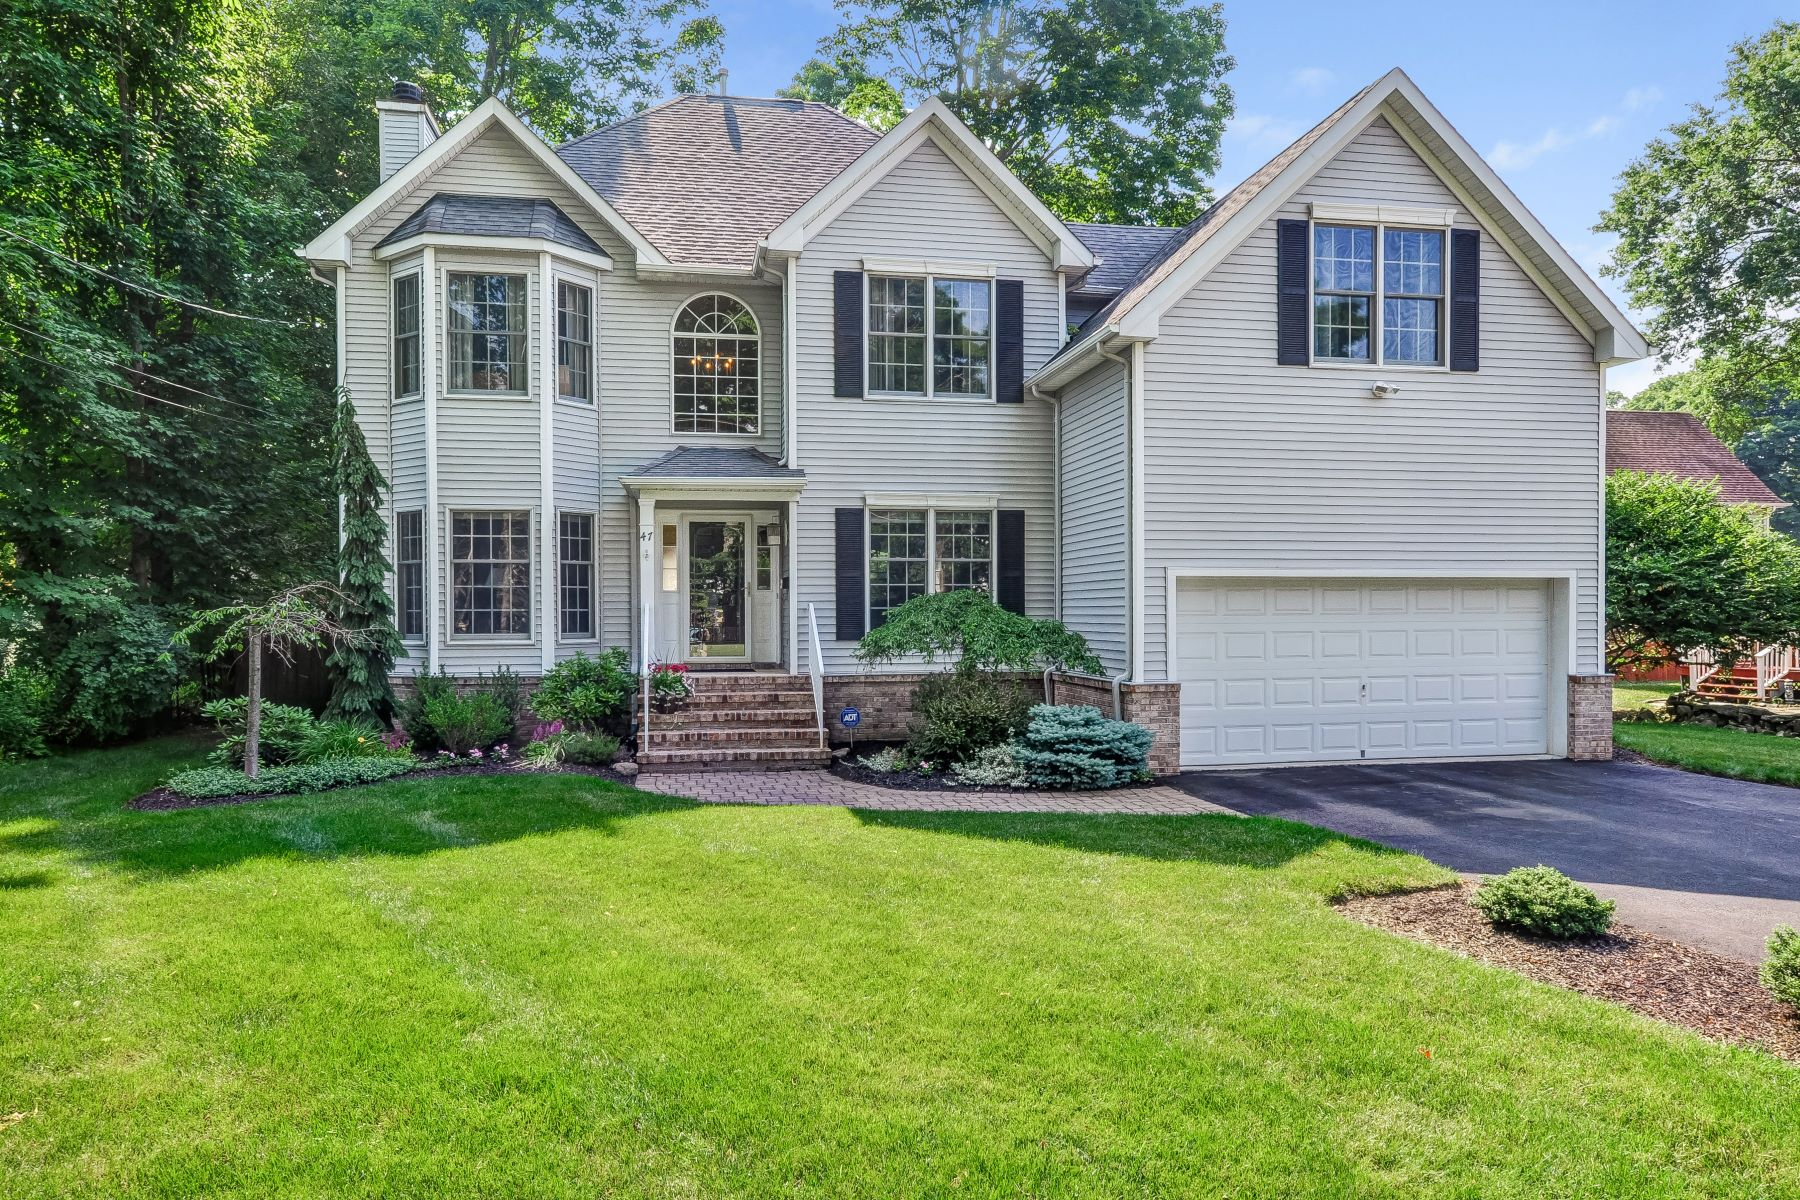 Casa Unifamiliar por un Venta en 47 Stiles Avenue Morris Plains, Nueva Jersey 07950 Estados Unidos